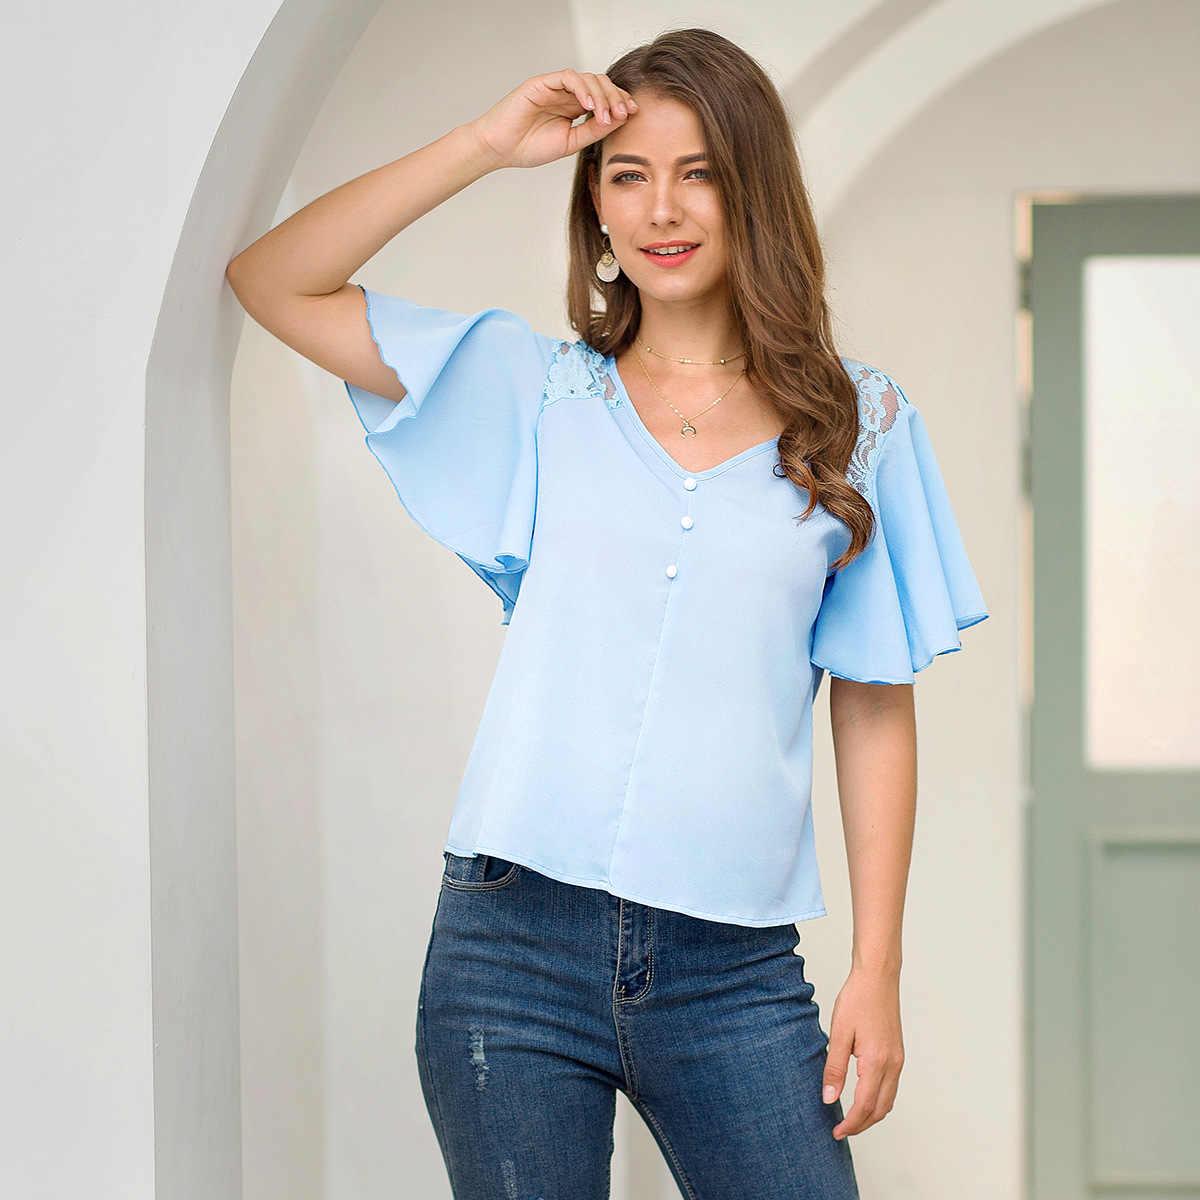 Женские блузки 2019 мода короткий рукав v-образный вырез офисная кружевная рубашка повседневные топы женские блузы Синяя Женская одежда